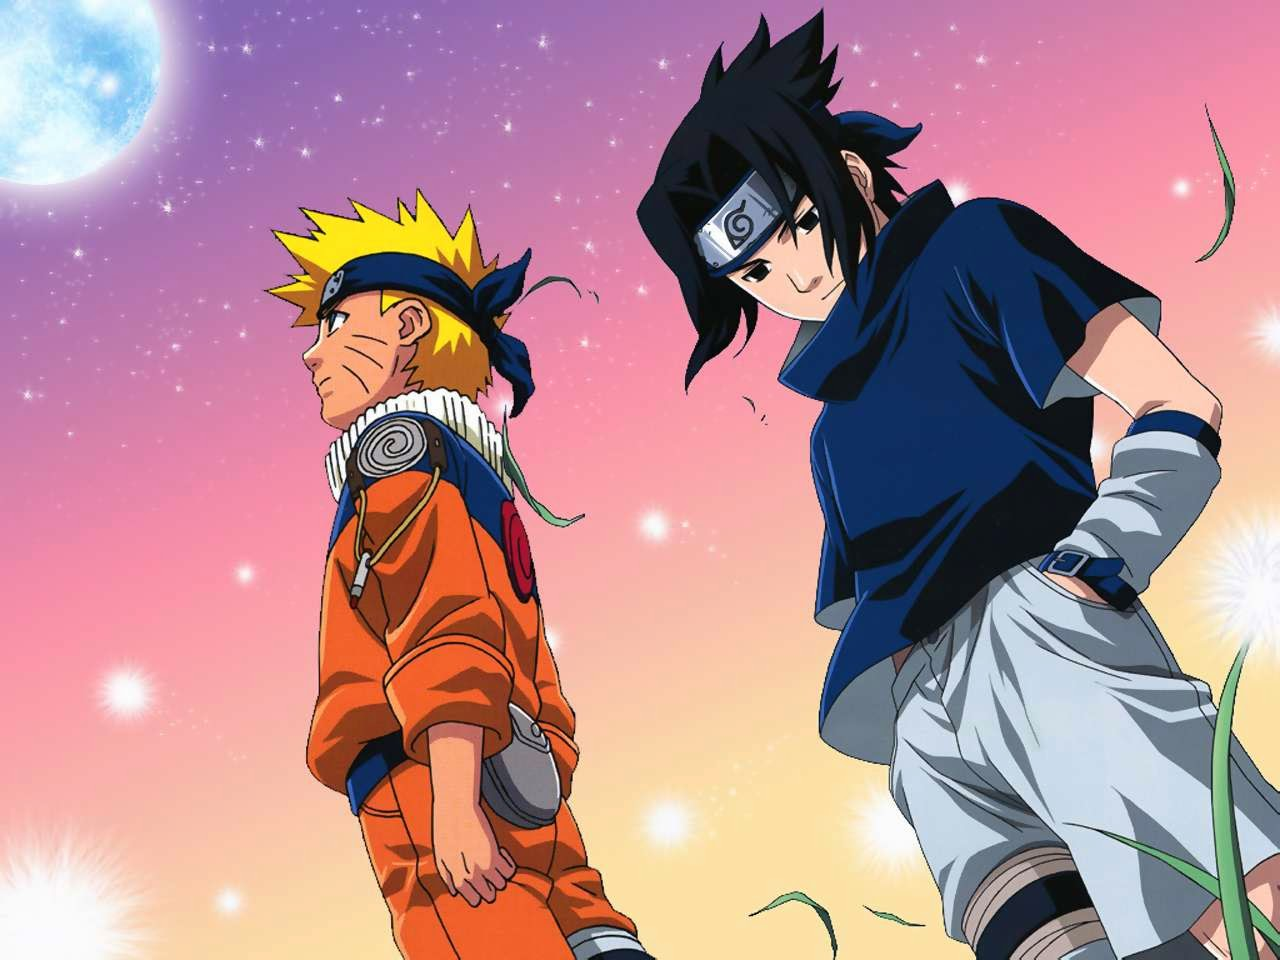 Kumpulan Contoh Gambar Ilustrasi Kartun Naruto Duinia Kartun